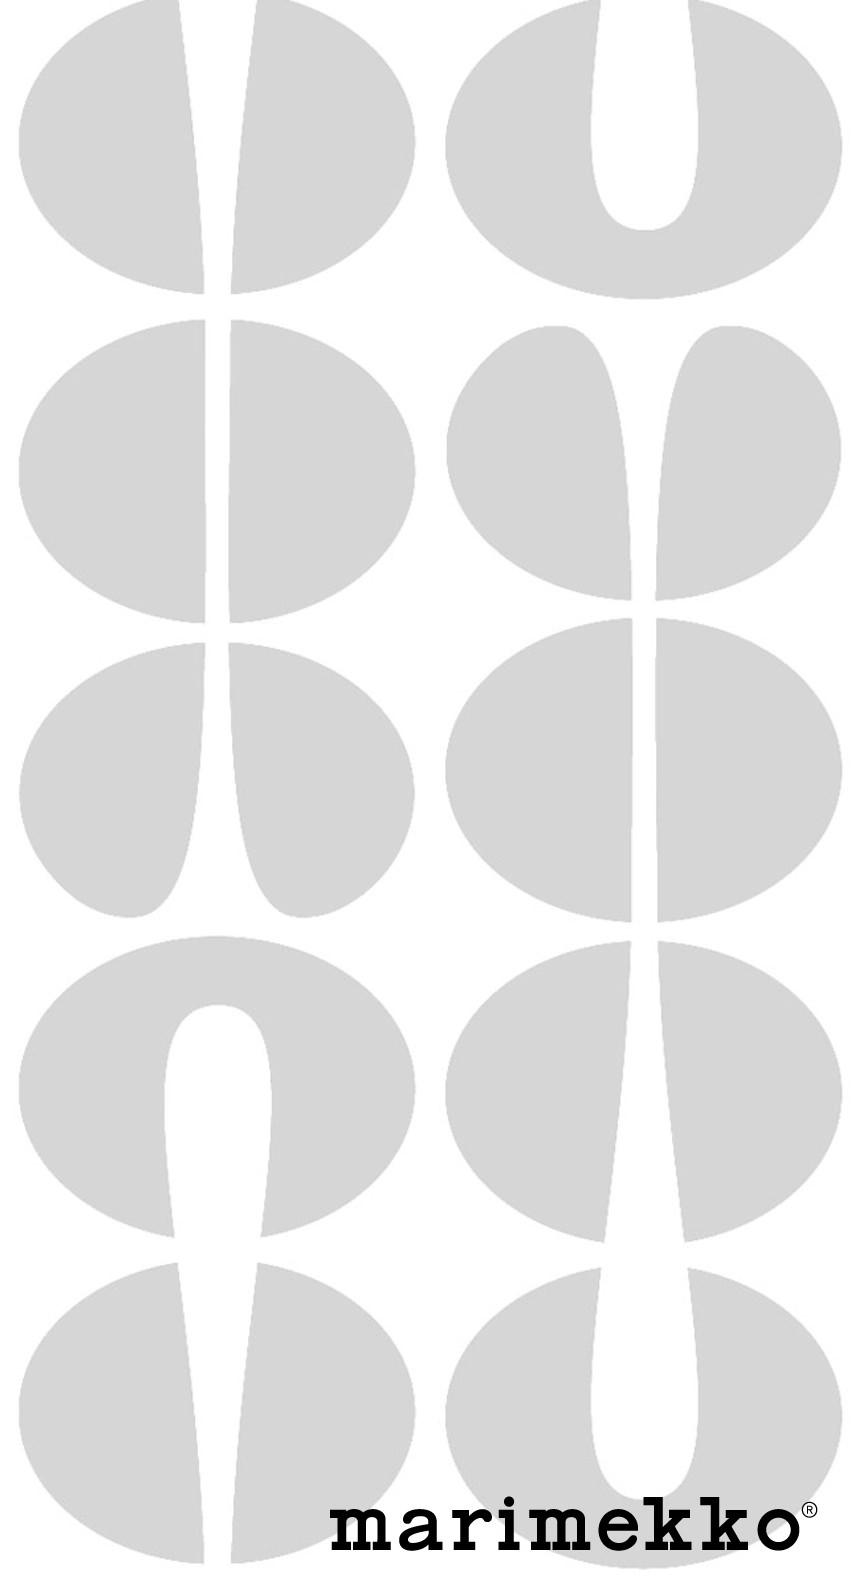 marimekkoetc23